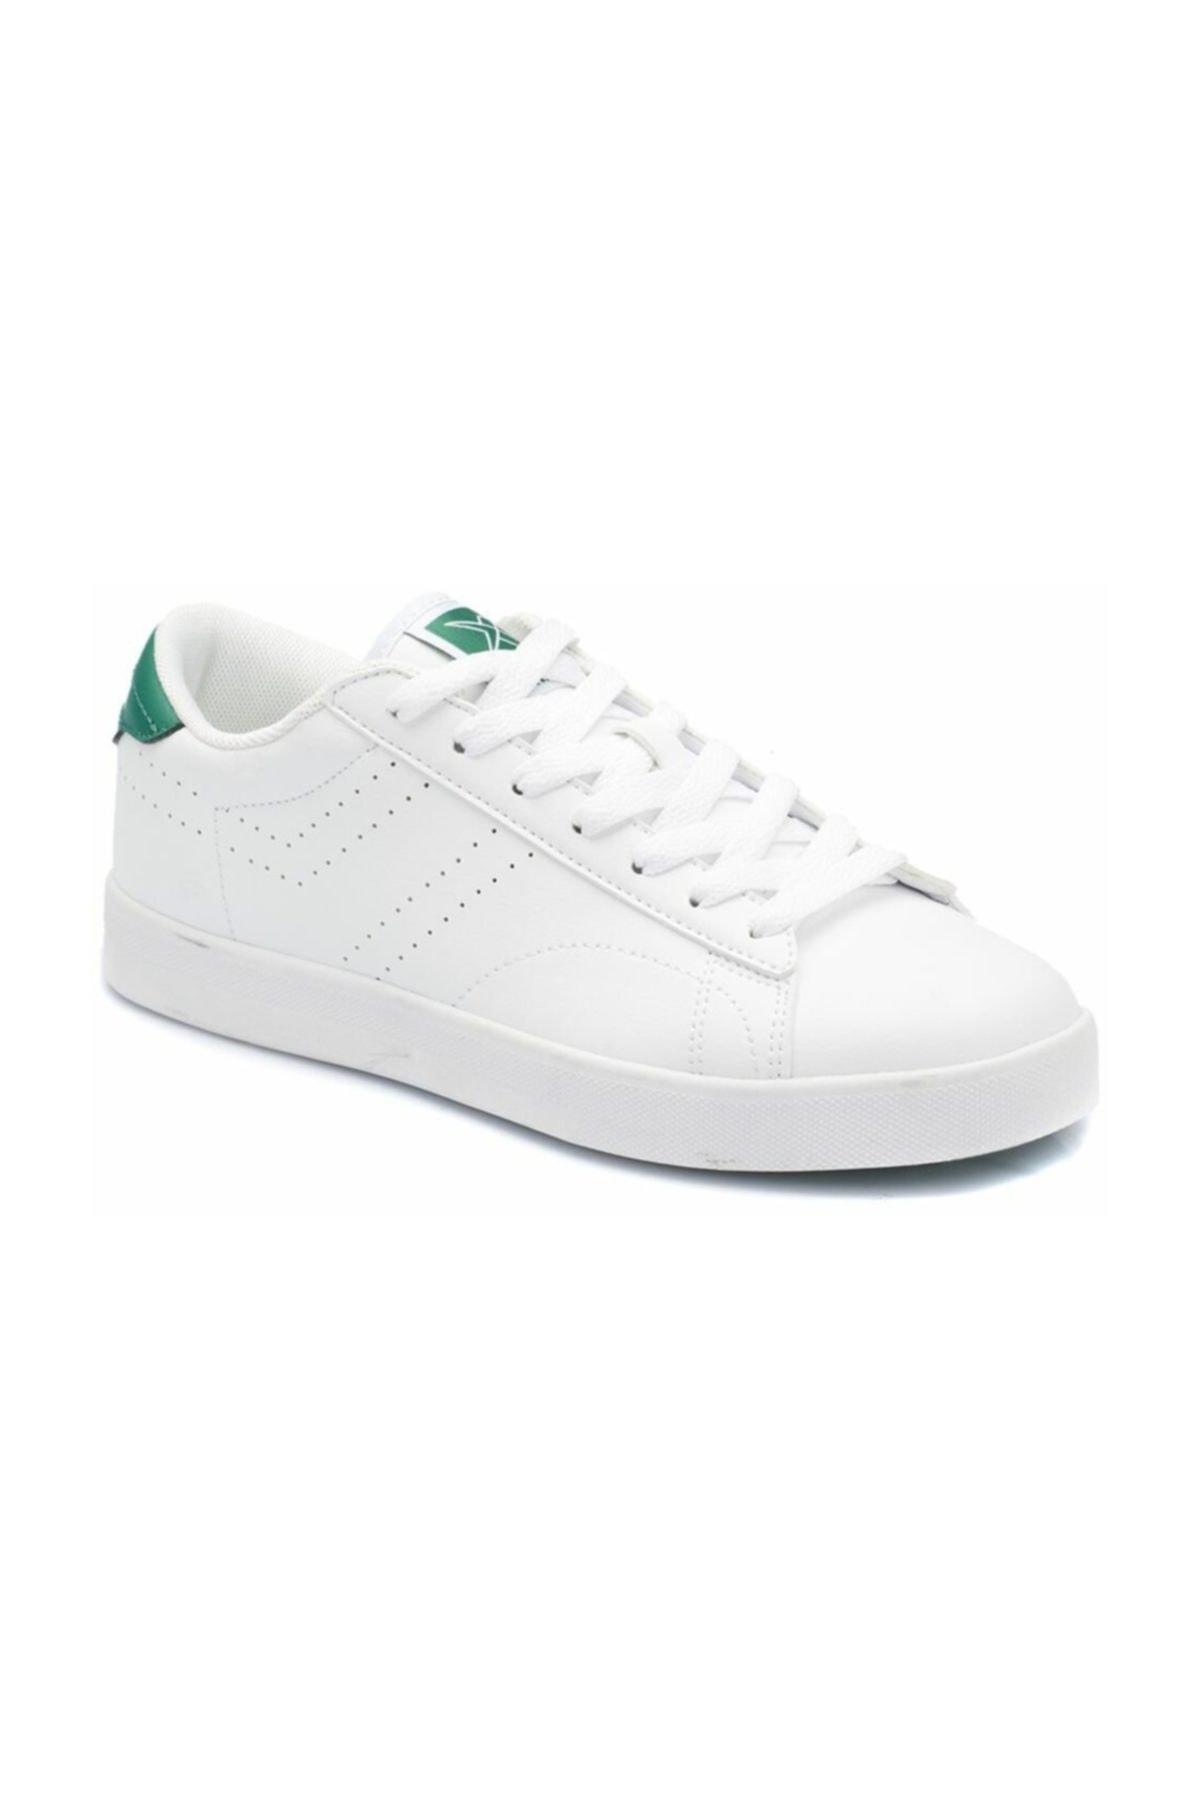 Kinetix Suprem W Beyaz Kadın Sneaker Ayakkabı 1